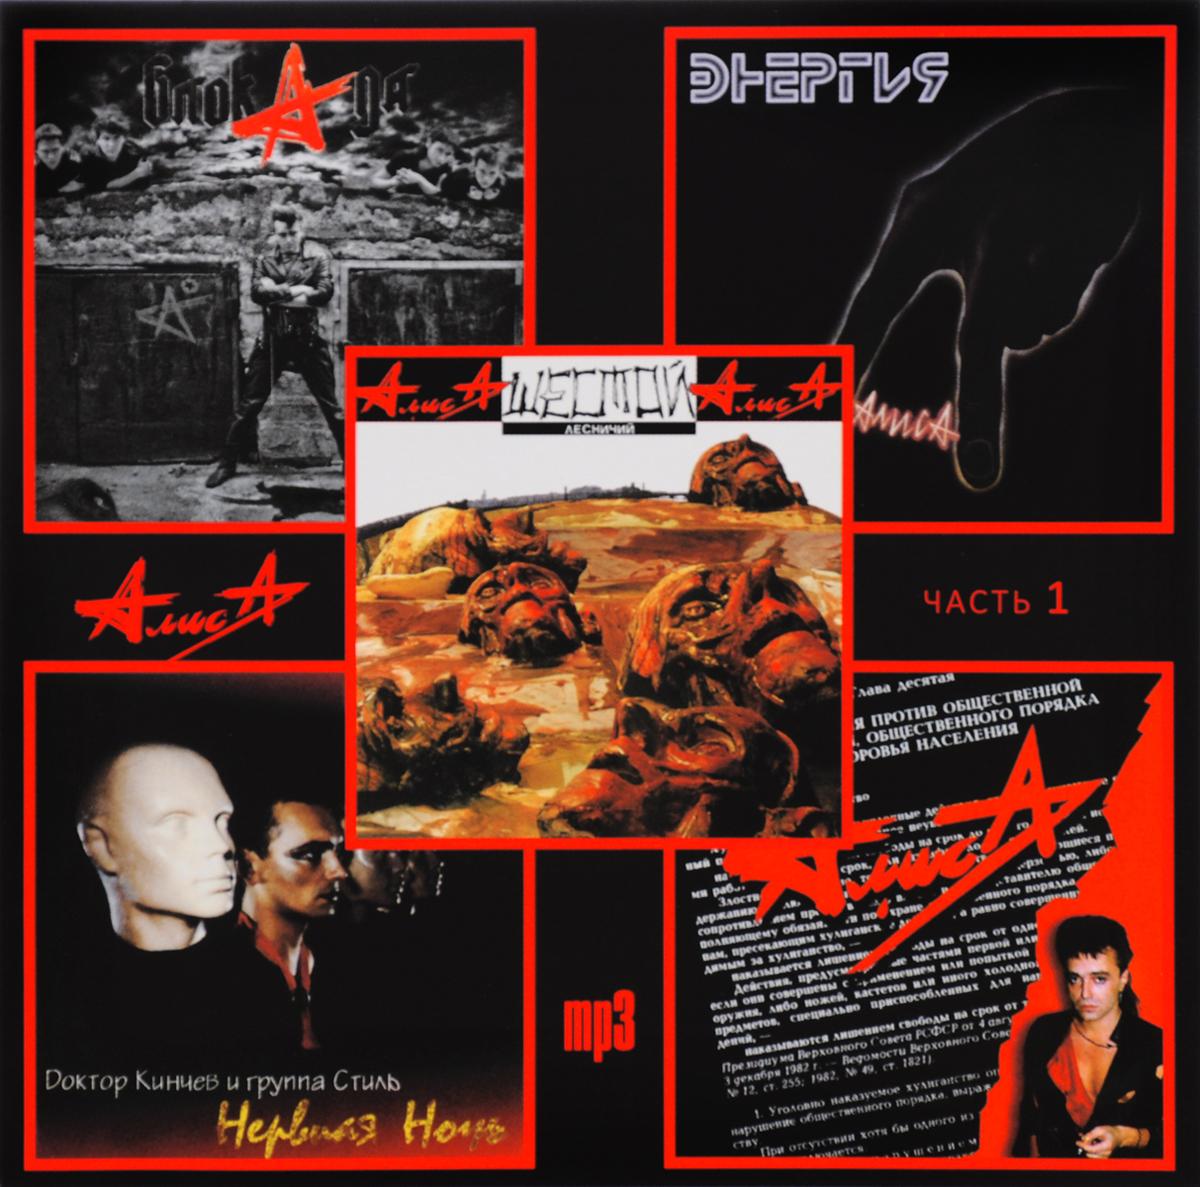 В издание вошли следующие альбомы: 1.